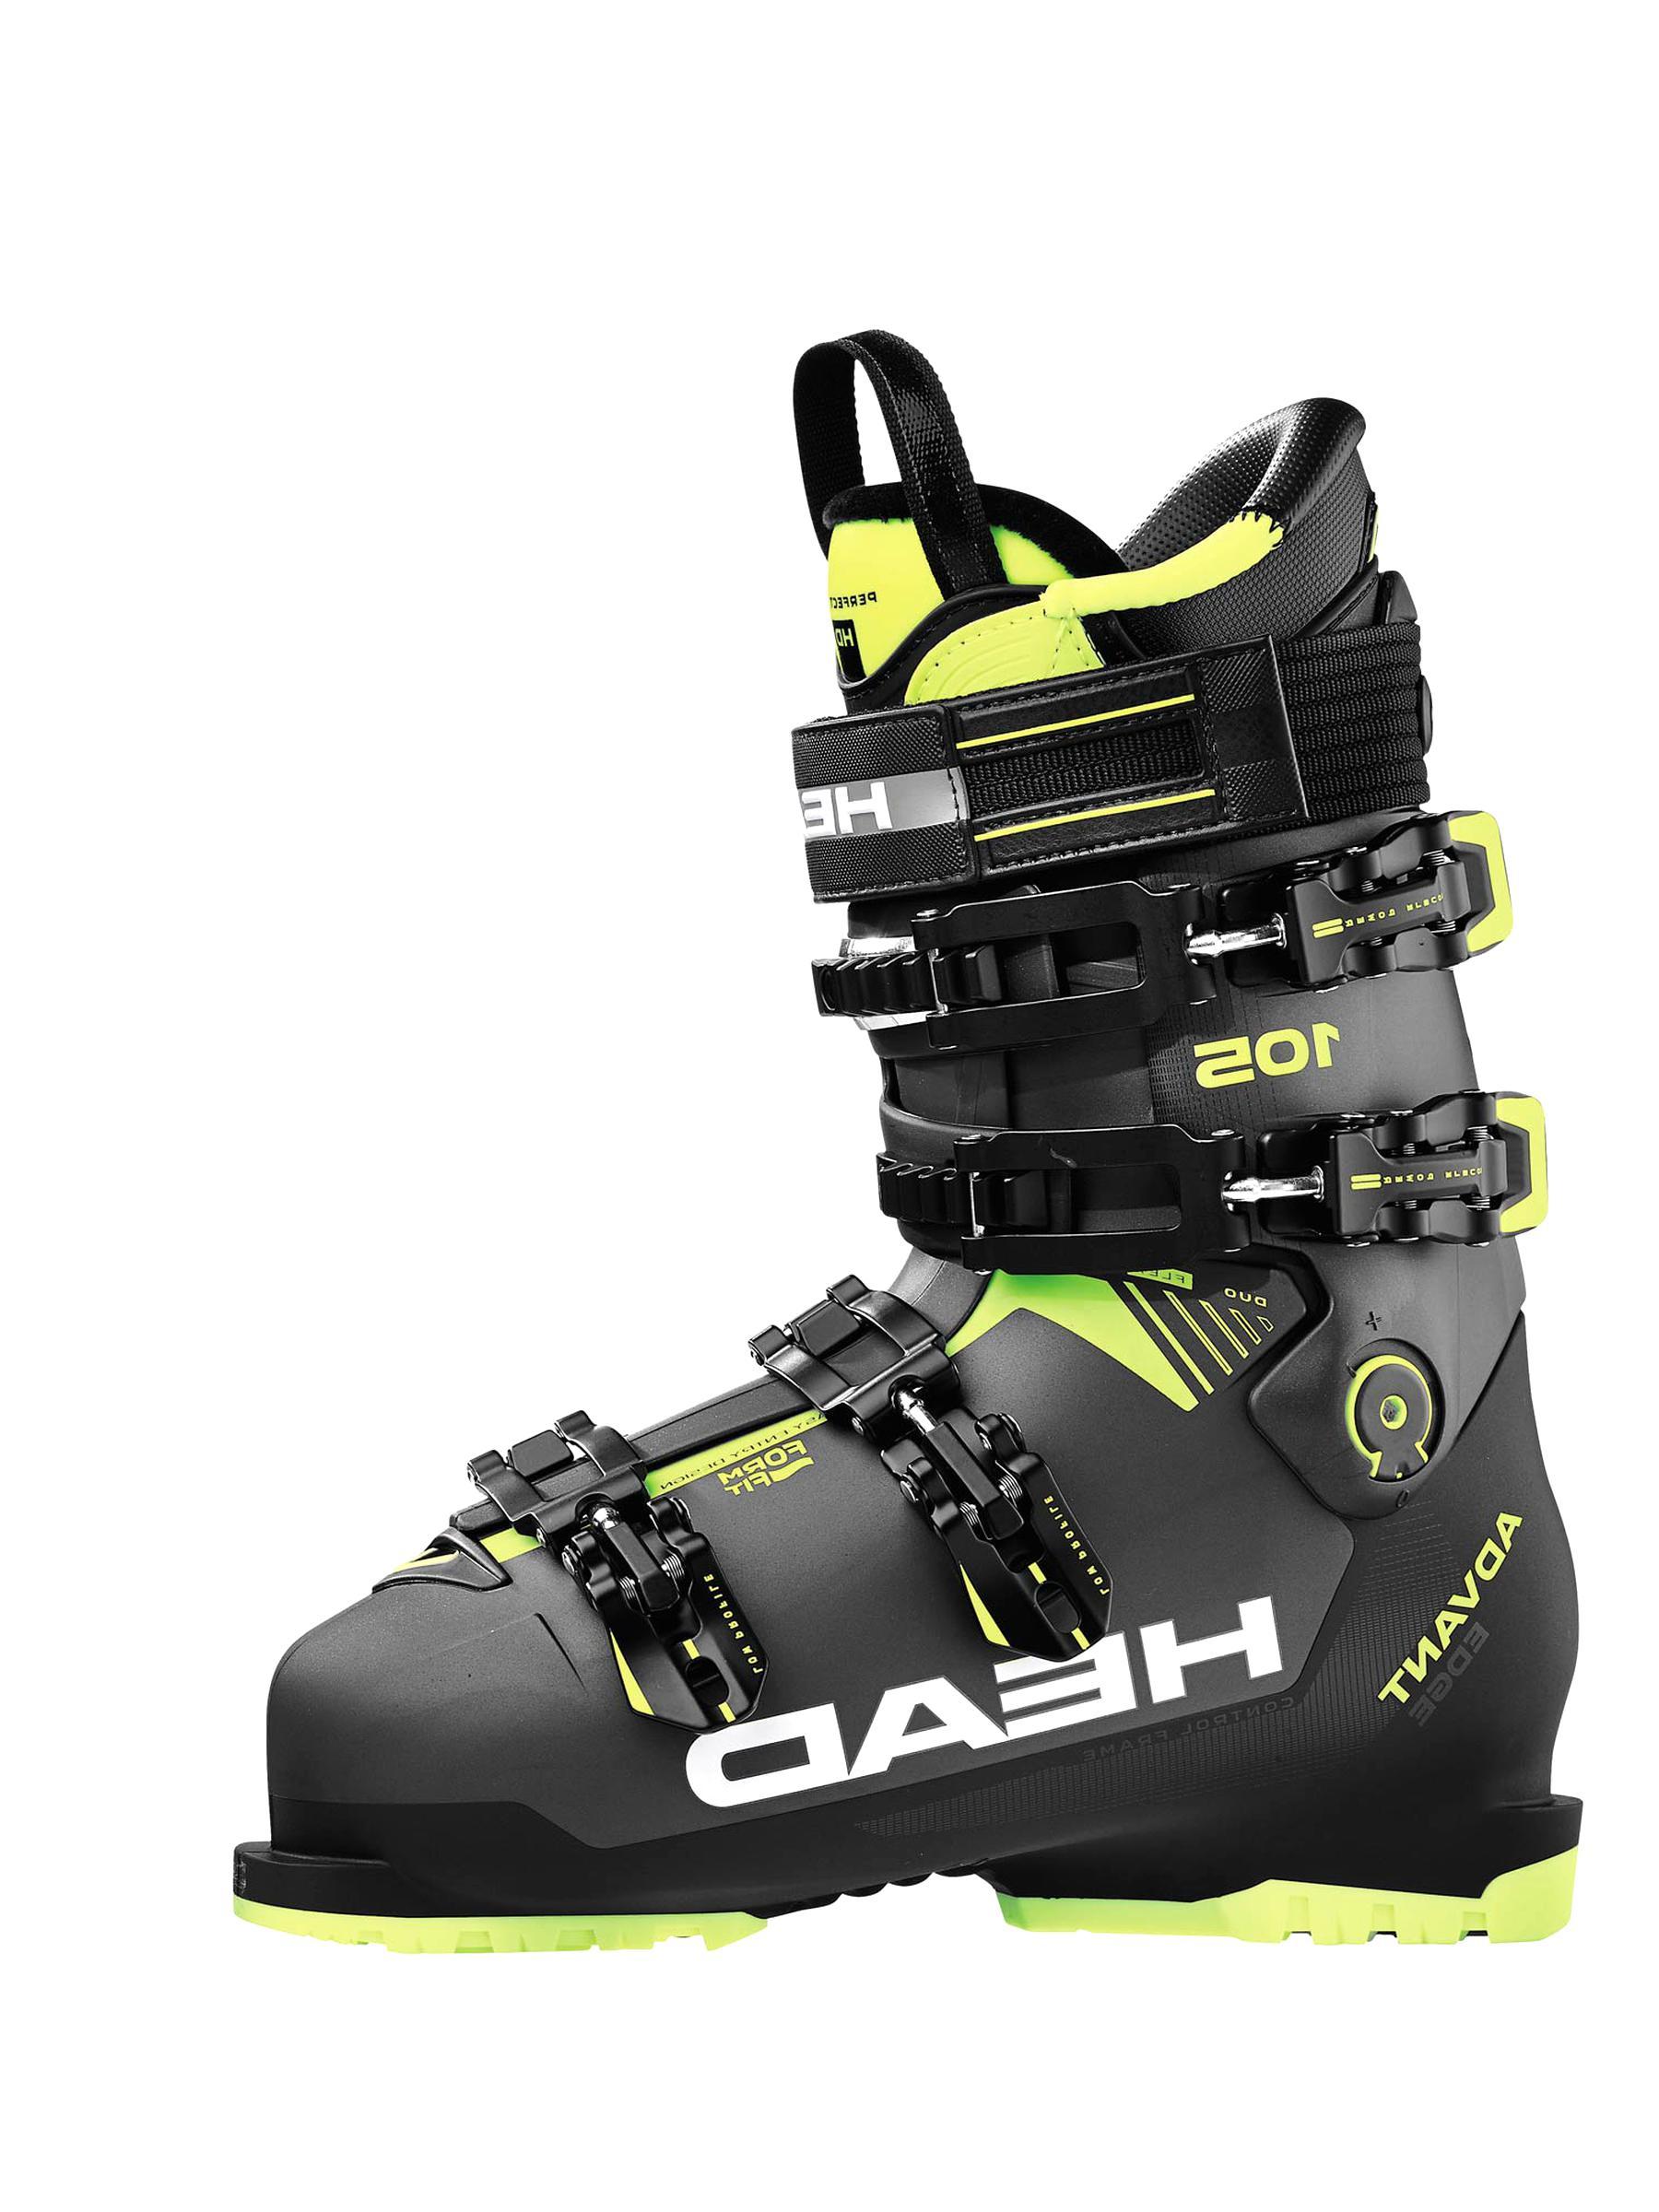 Skischuhe gebraucht kaufen! Nur noch 4 St. bis 75% günstiger